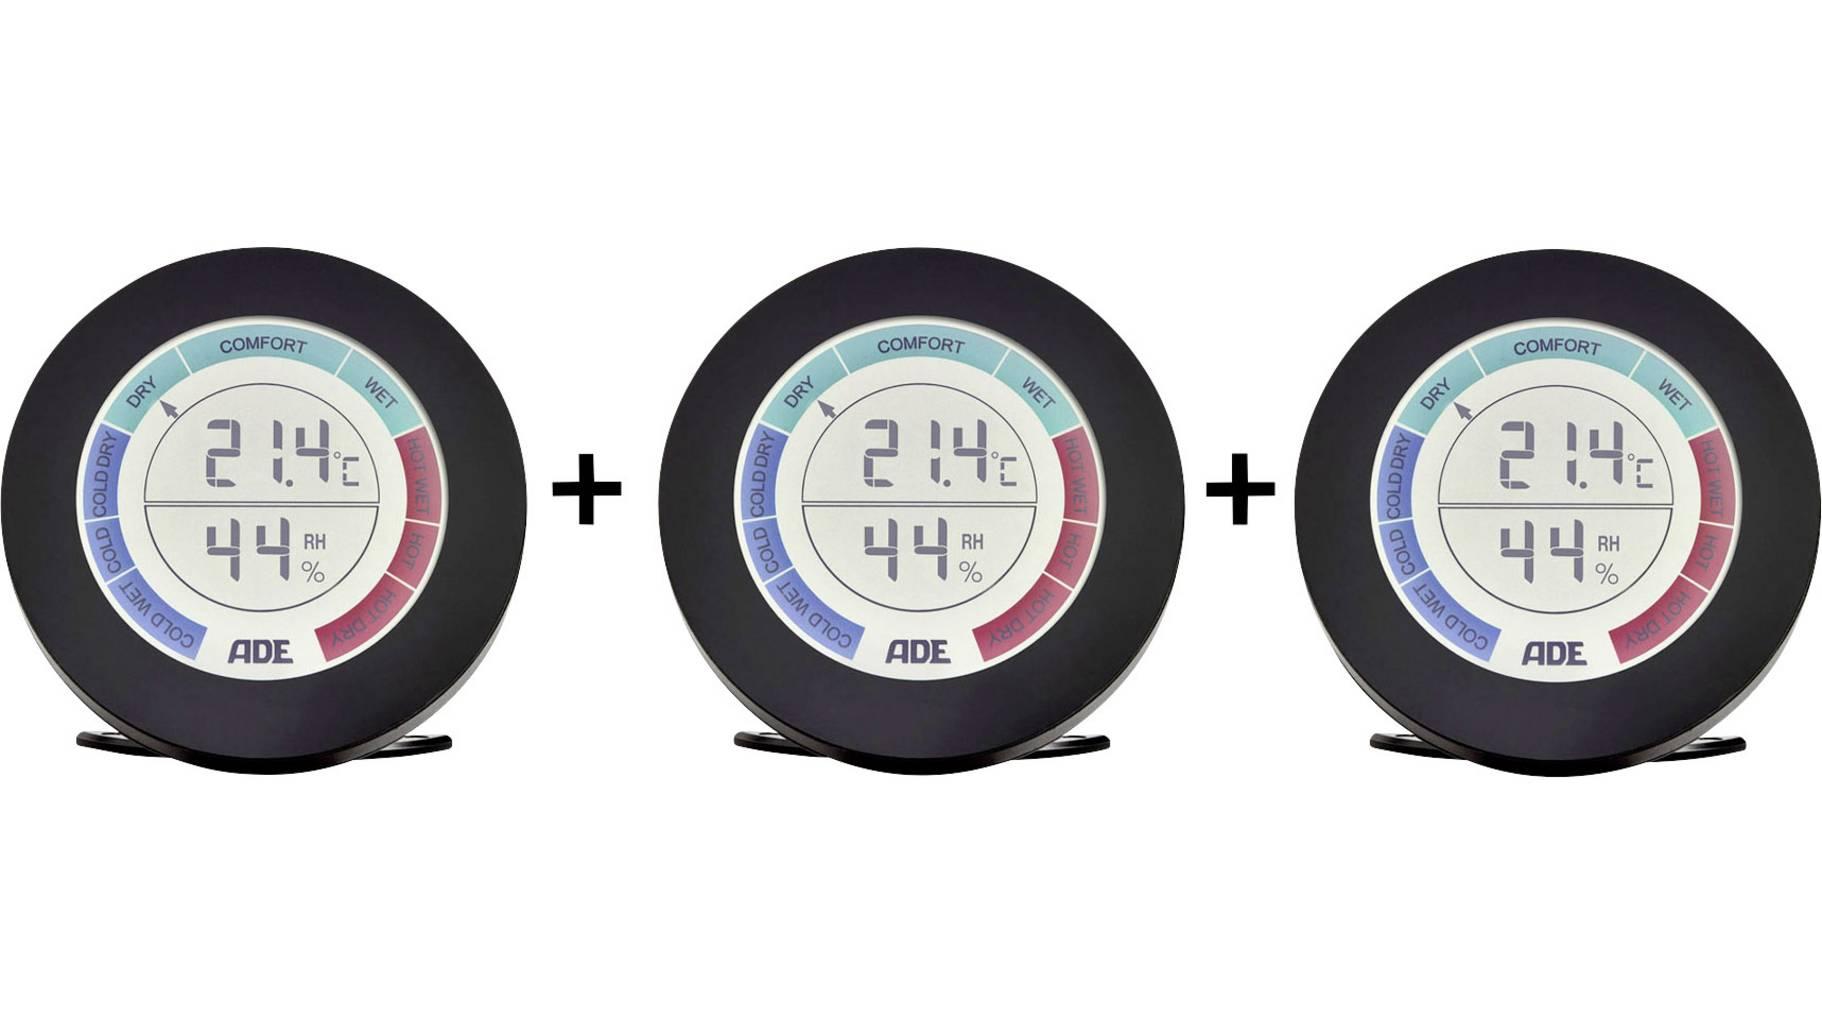 Dreierpack Thermo-/Hygrometer ADE WS 1831 (Temperaturanzeige in °C oder °F, Luftfeuchtigkeit 20 bis 95% RH, 6.5cm Display, inkl. je 2x AAA)